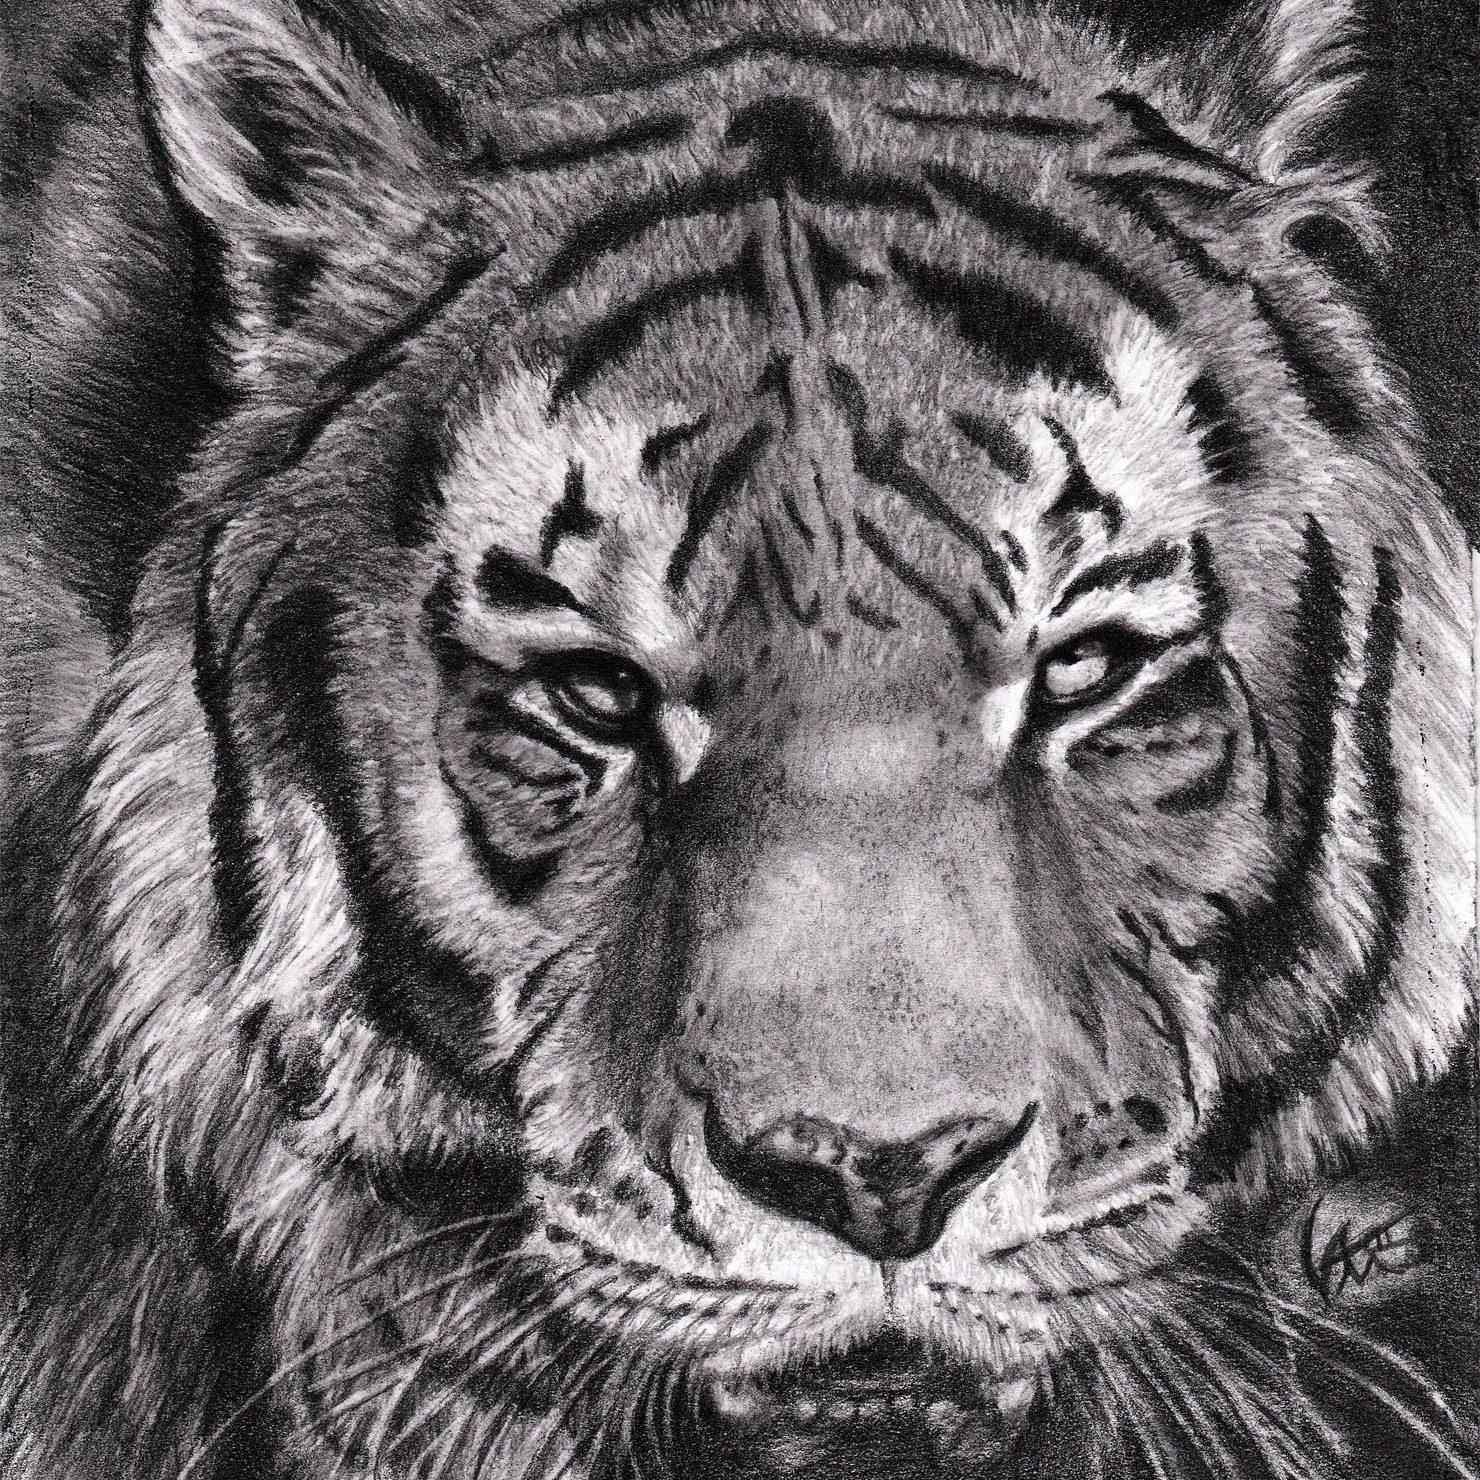 Tiger Finished